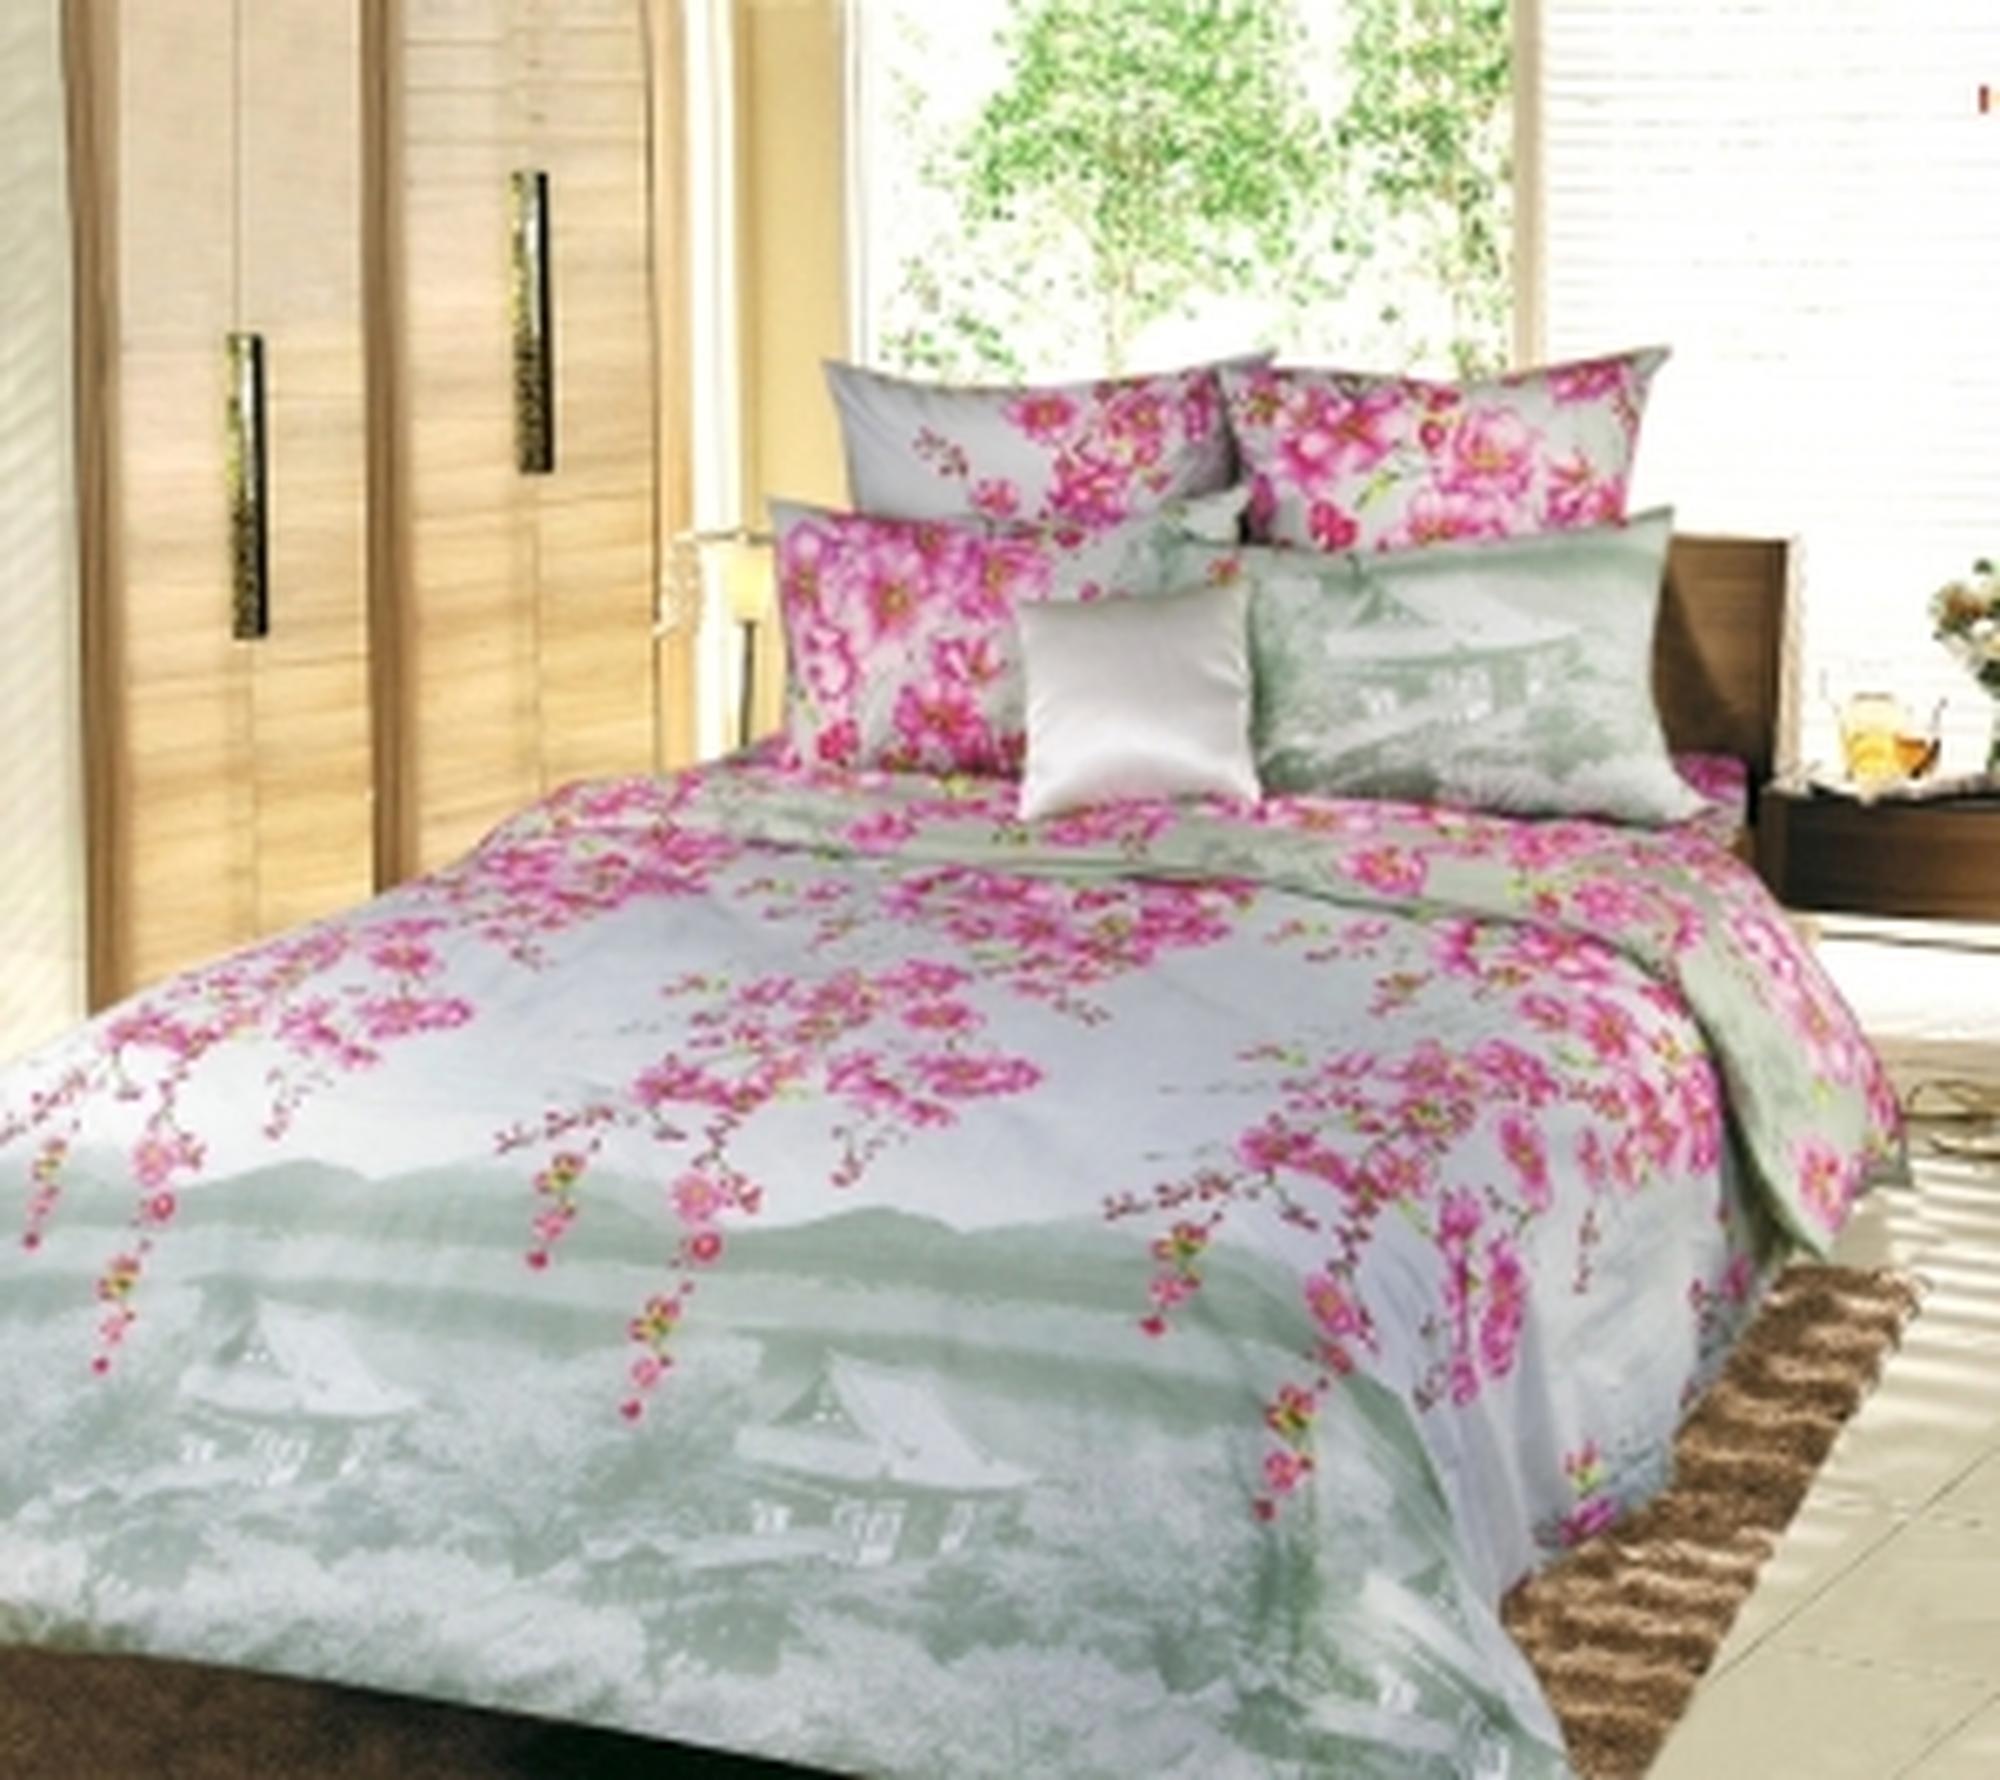 Текс Дизайн Комплект постельного белья «Весенняя соната 2» евро, 4 предмета.